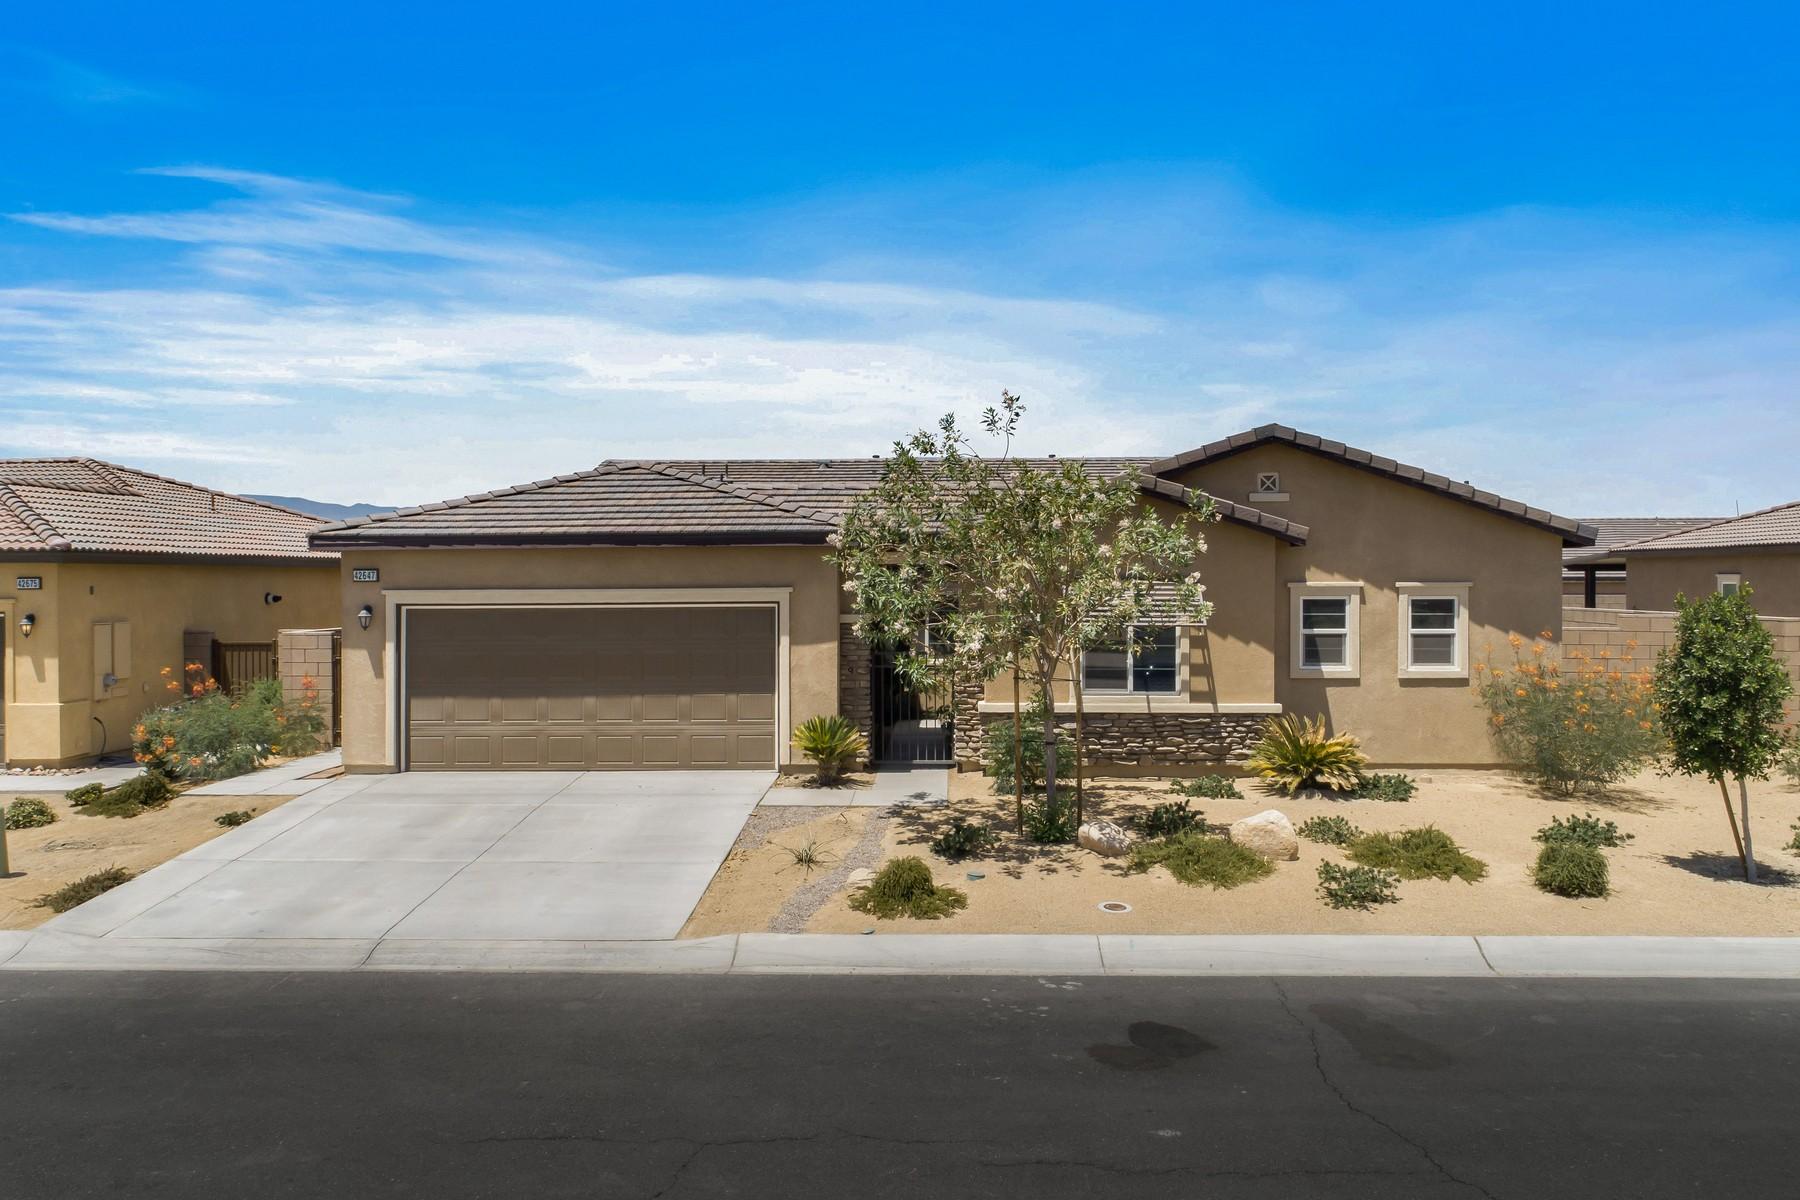 Single Family Homes for Sale at 42647 Tiempo Court 42647 Tiempo Ct Indio, California 92203 United States